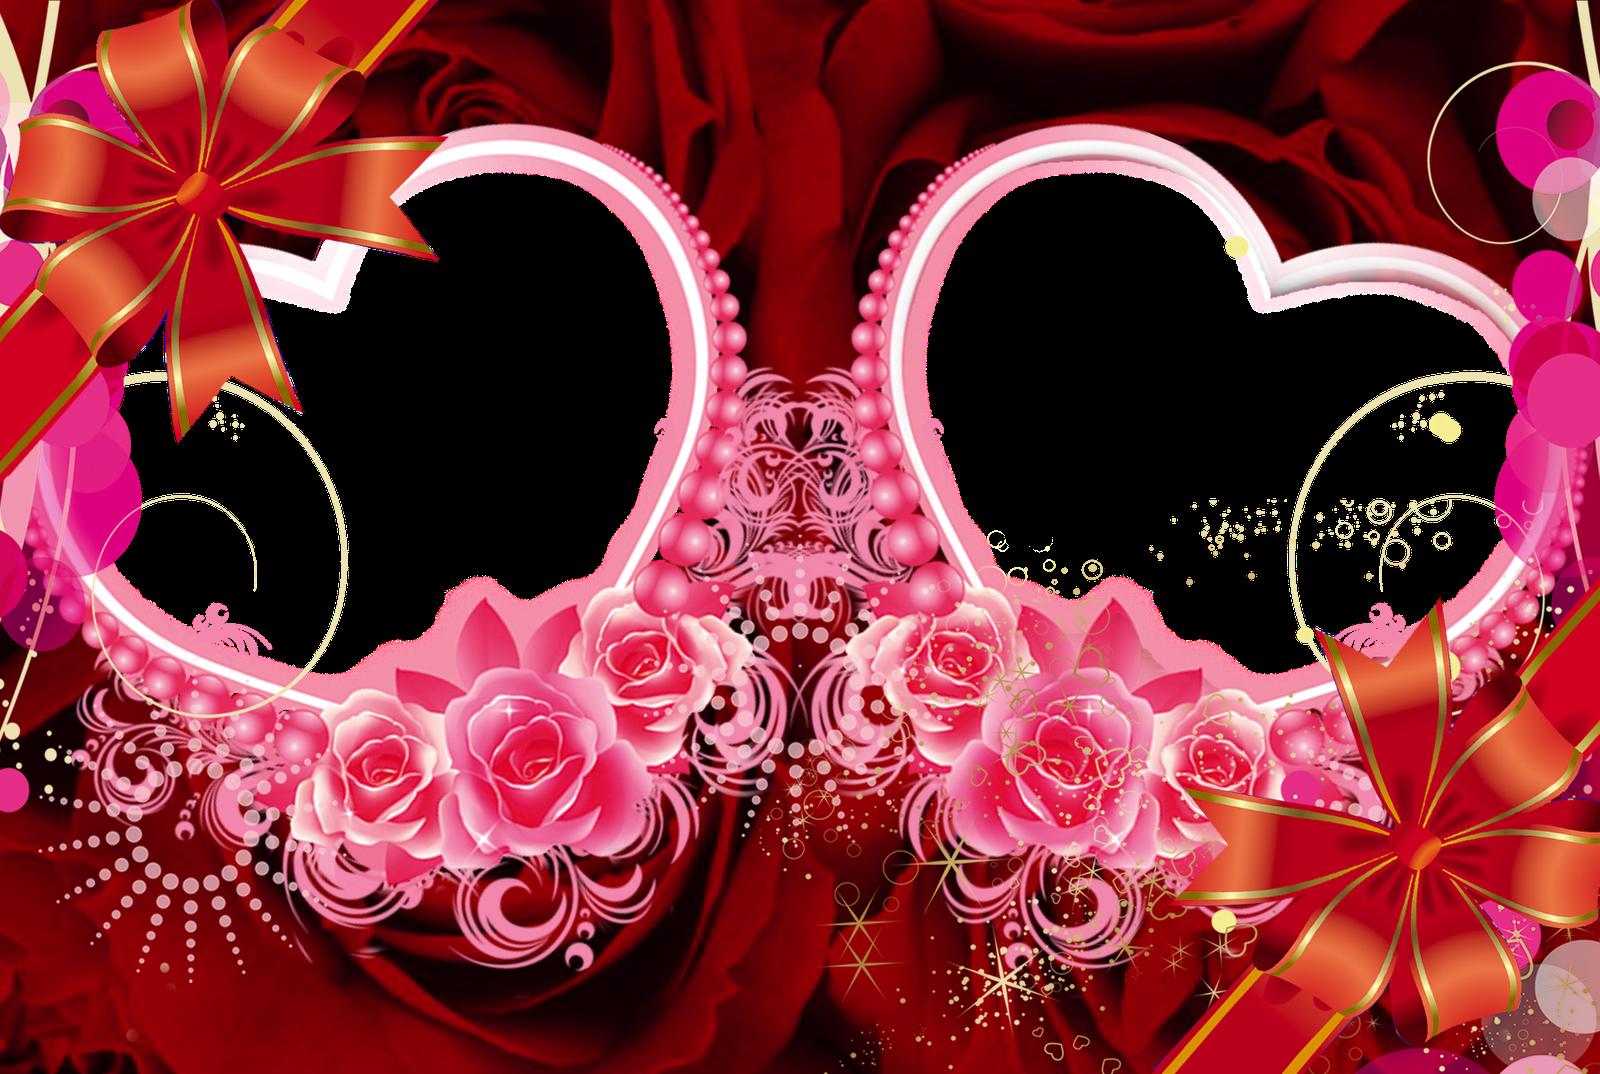 براويز واطارات. 2017 , اطارات , براويز , جديده , رائعه واطارات رهيبة وجميلة ونادرة على شكل قلوب ود 2013_1380748535_893.